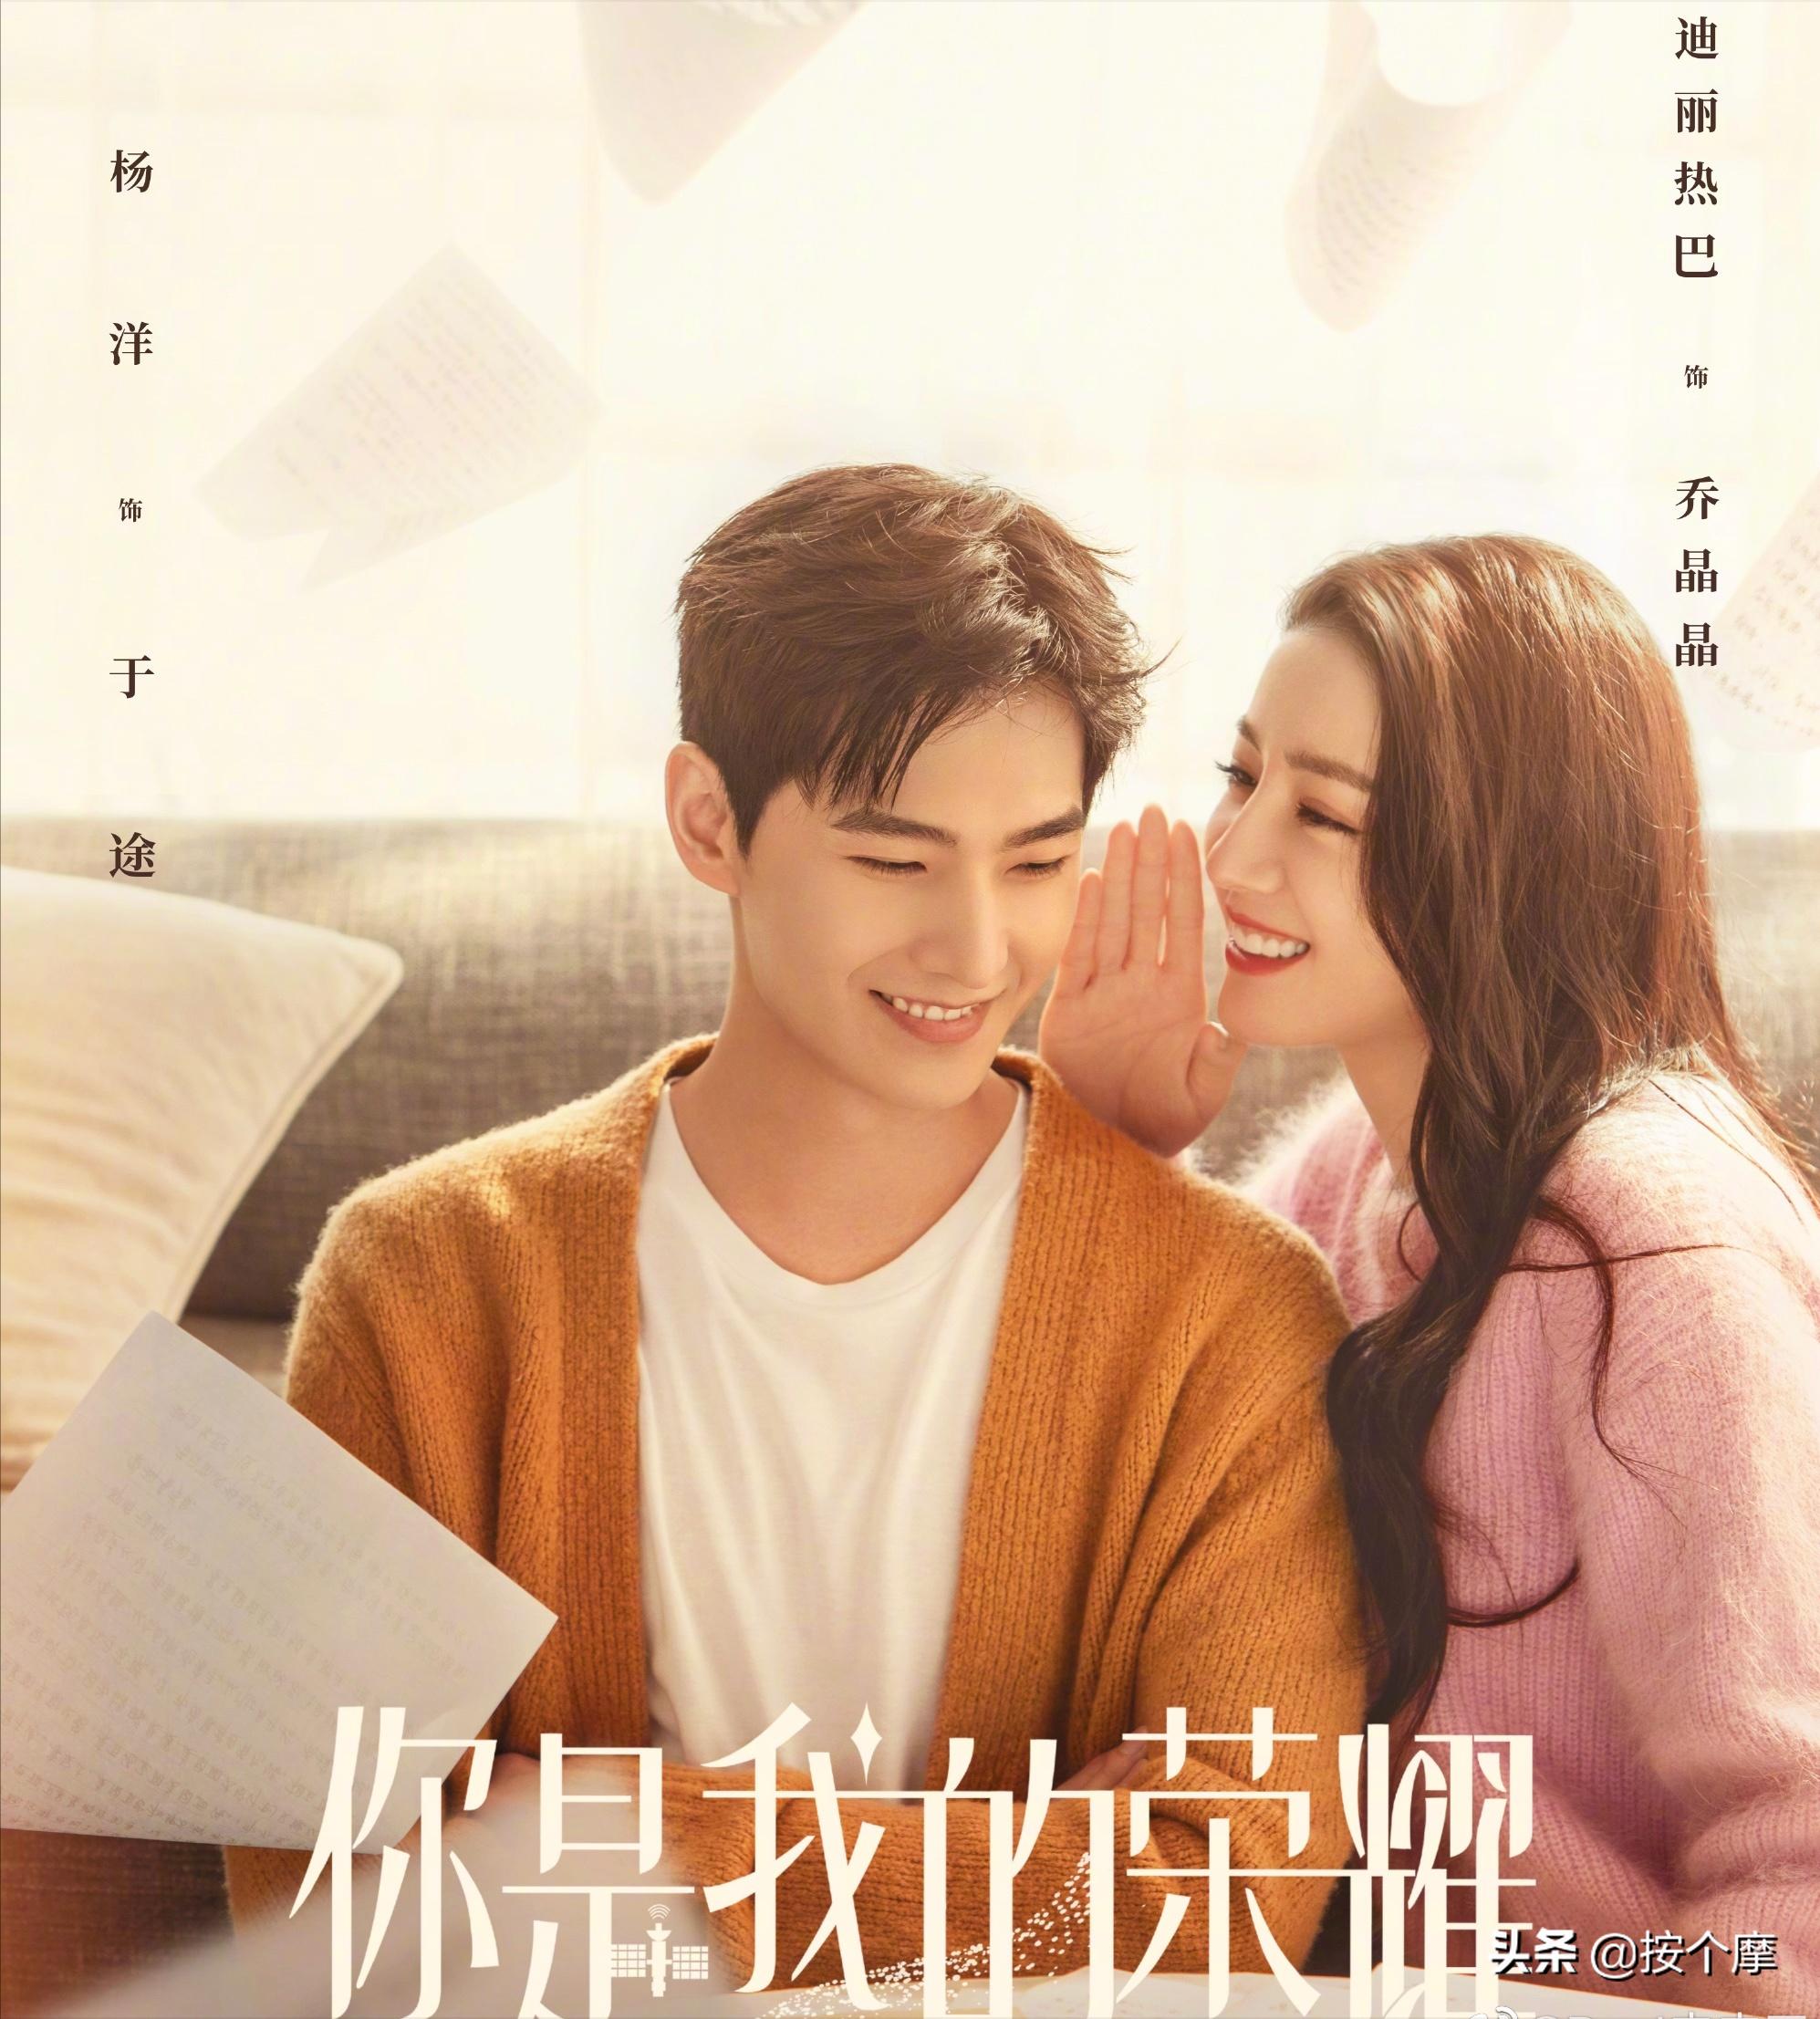 杨洋即将有两部剧开播,搭档迪丽热巴赵露思,谁更争气当领头羊?